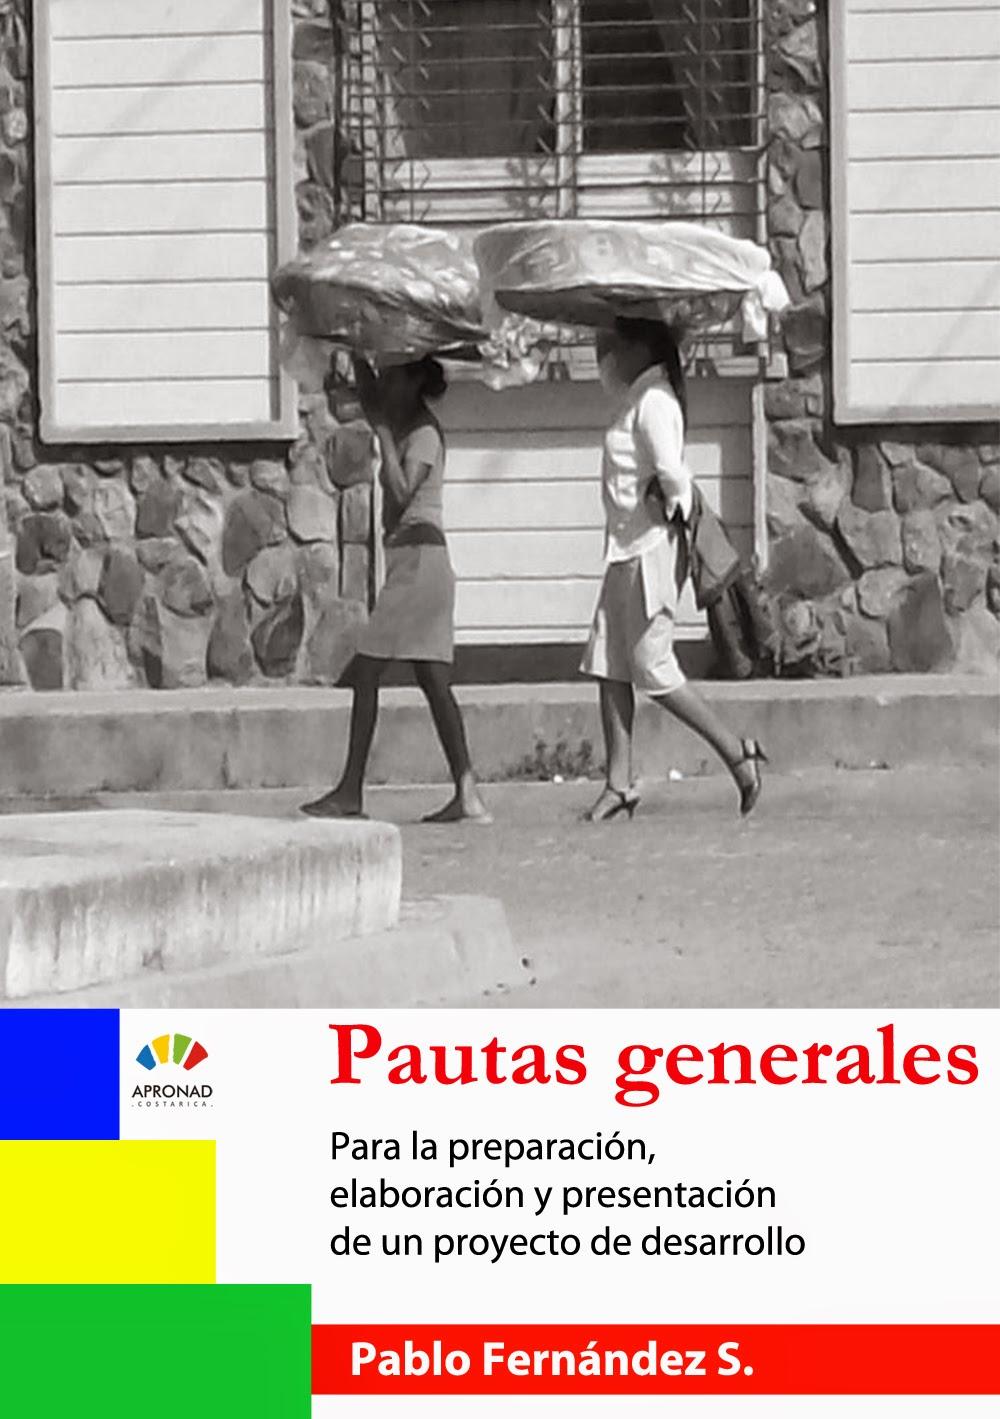 PAUTAS GENERALES: para la preparación, elaboración y presentación de un proyecto de desarrollo